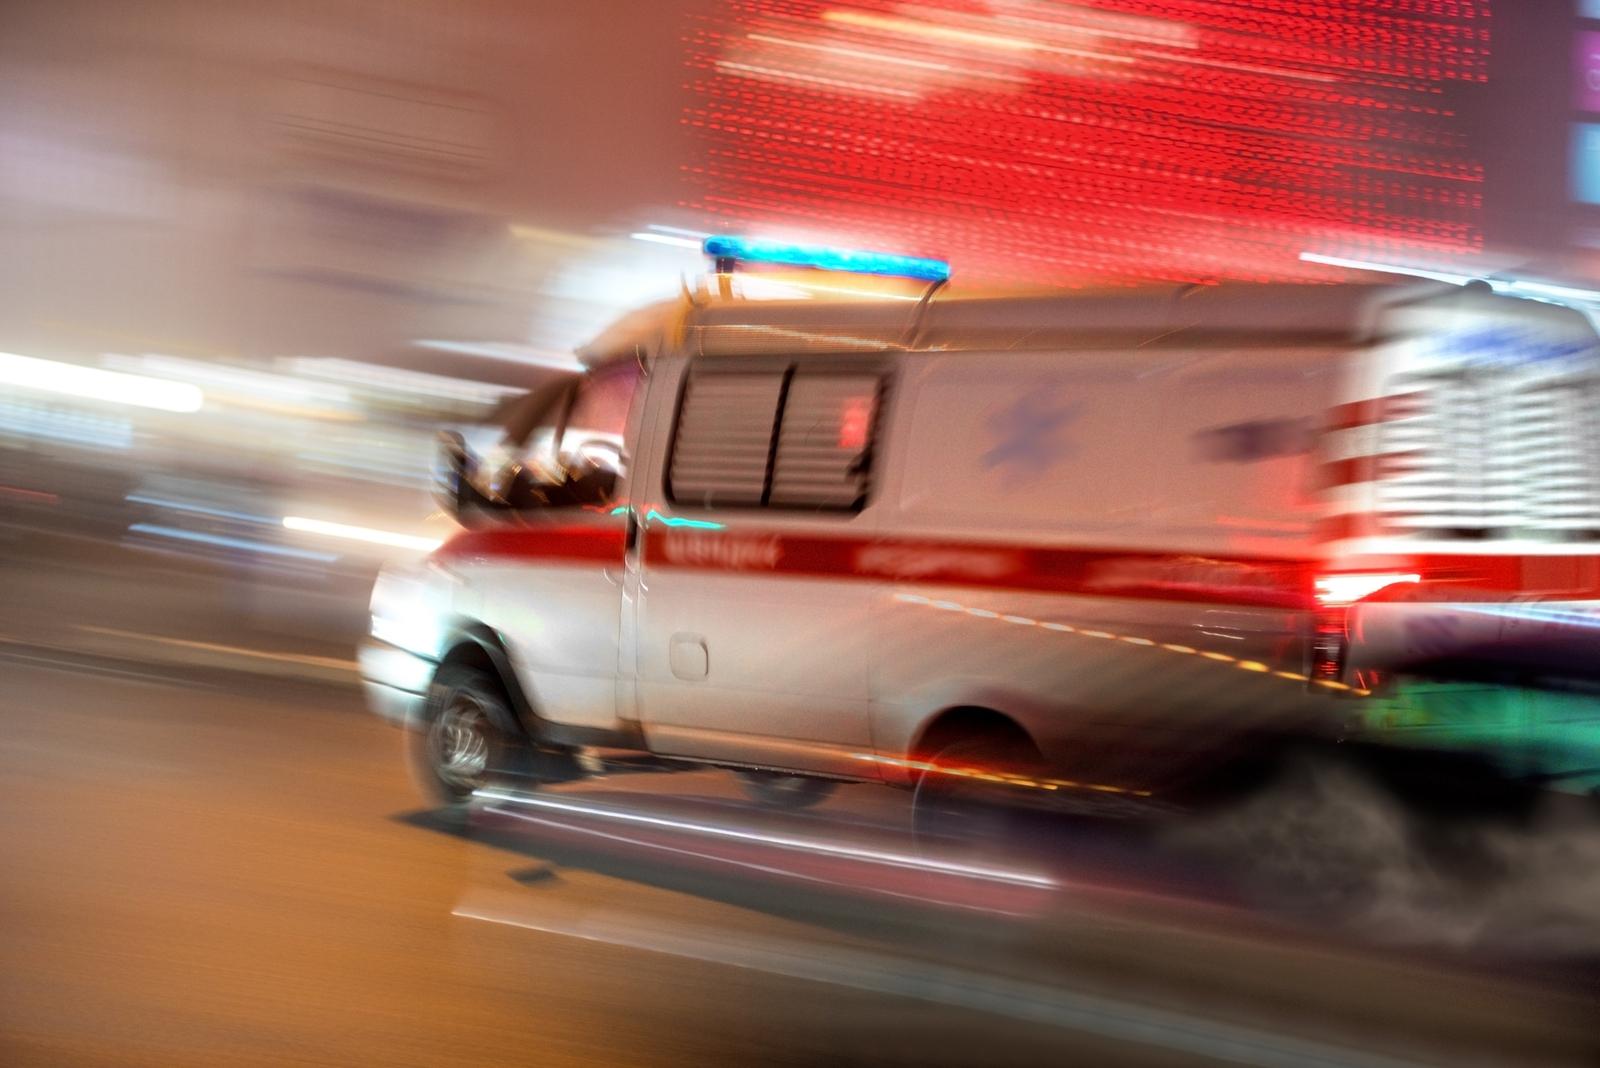 В Клинцах 22-летний автомобилист сломал ногу женщине-пешеходу